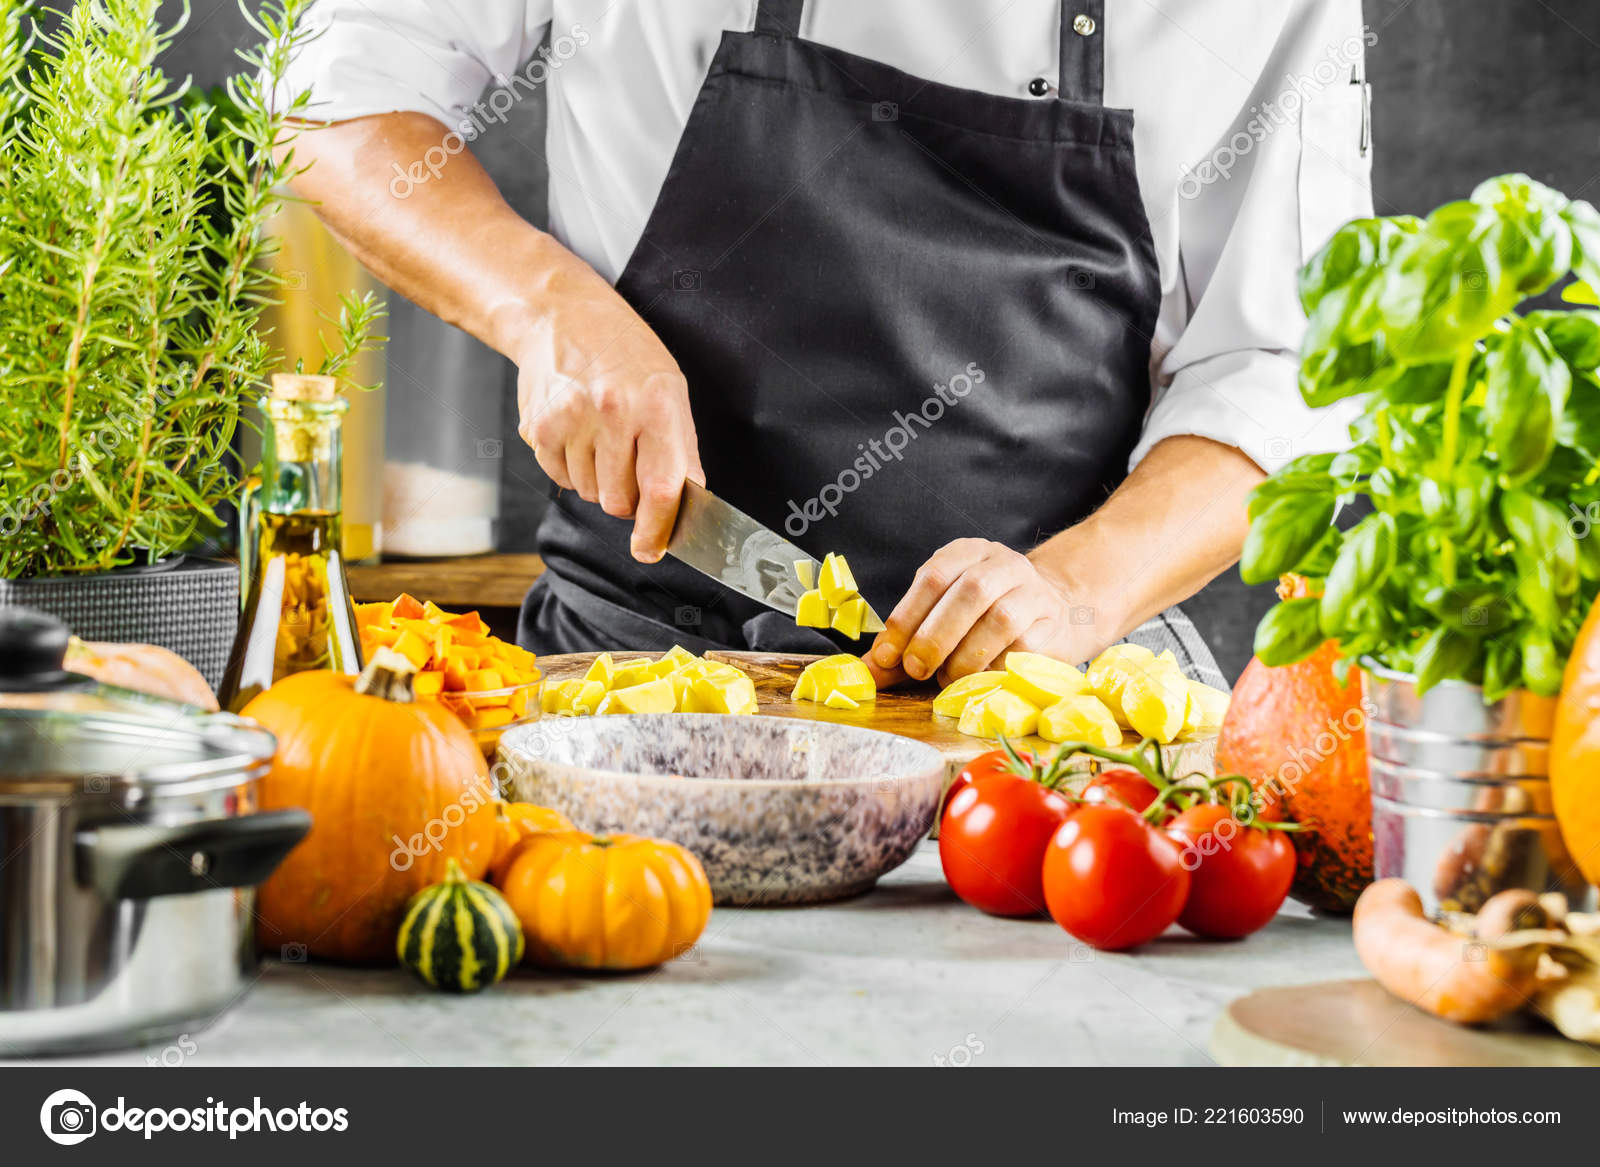 My Private Chef